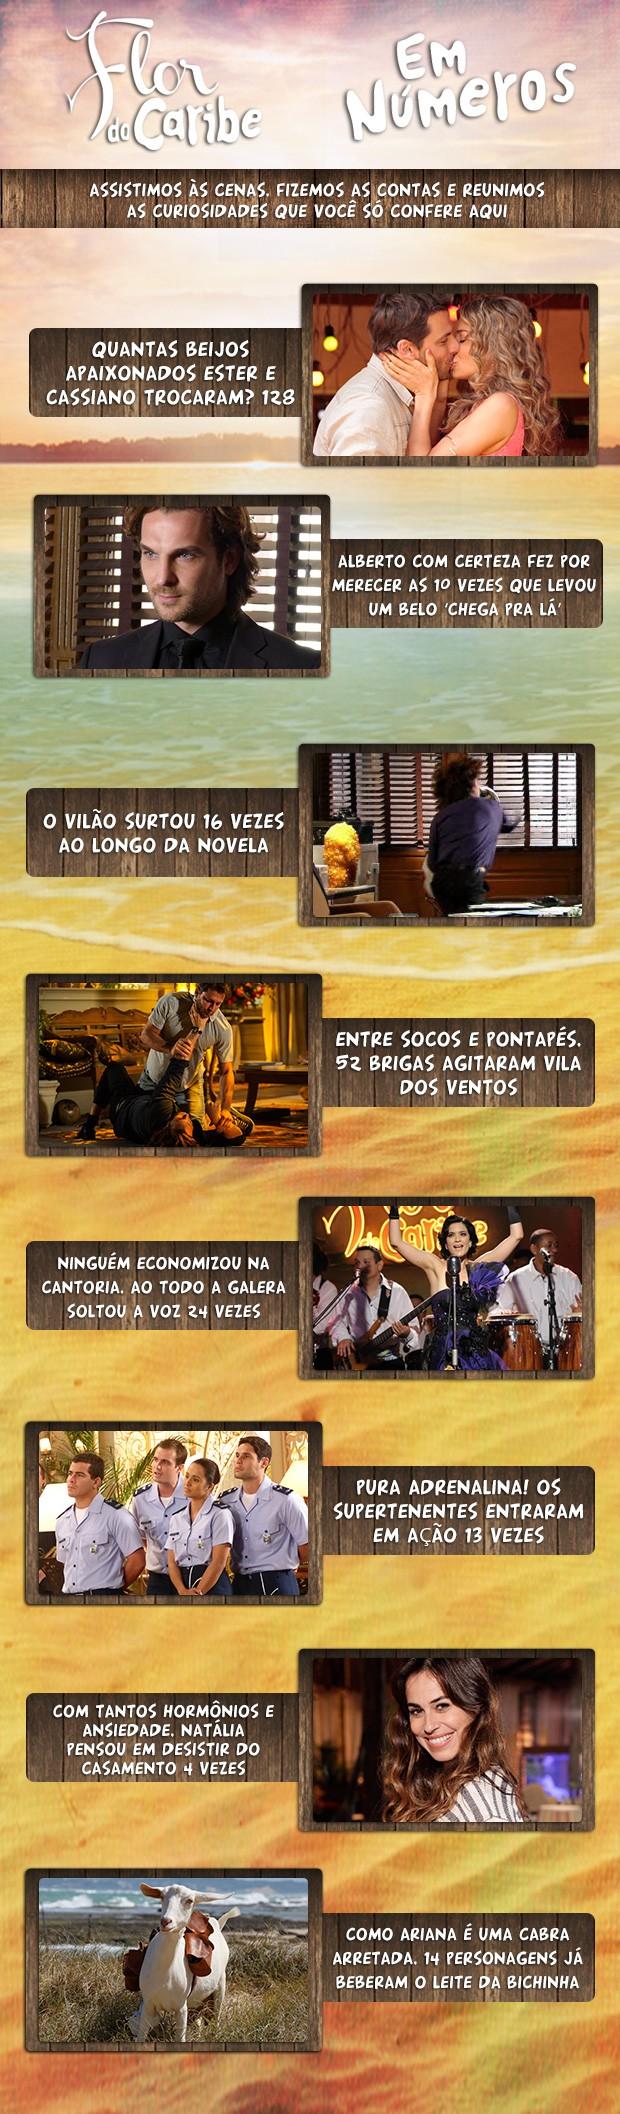 Flor do Caribe em números (Foto: Flor do Caribe/TV Globo)